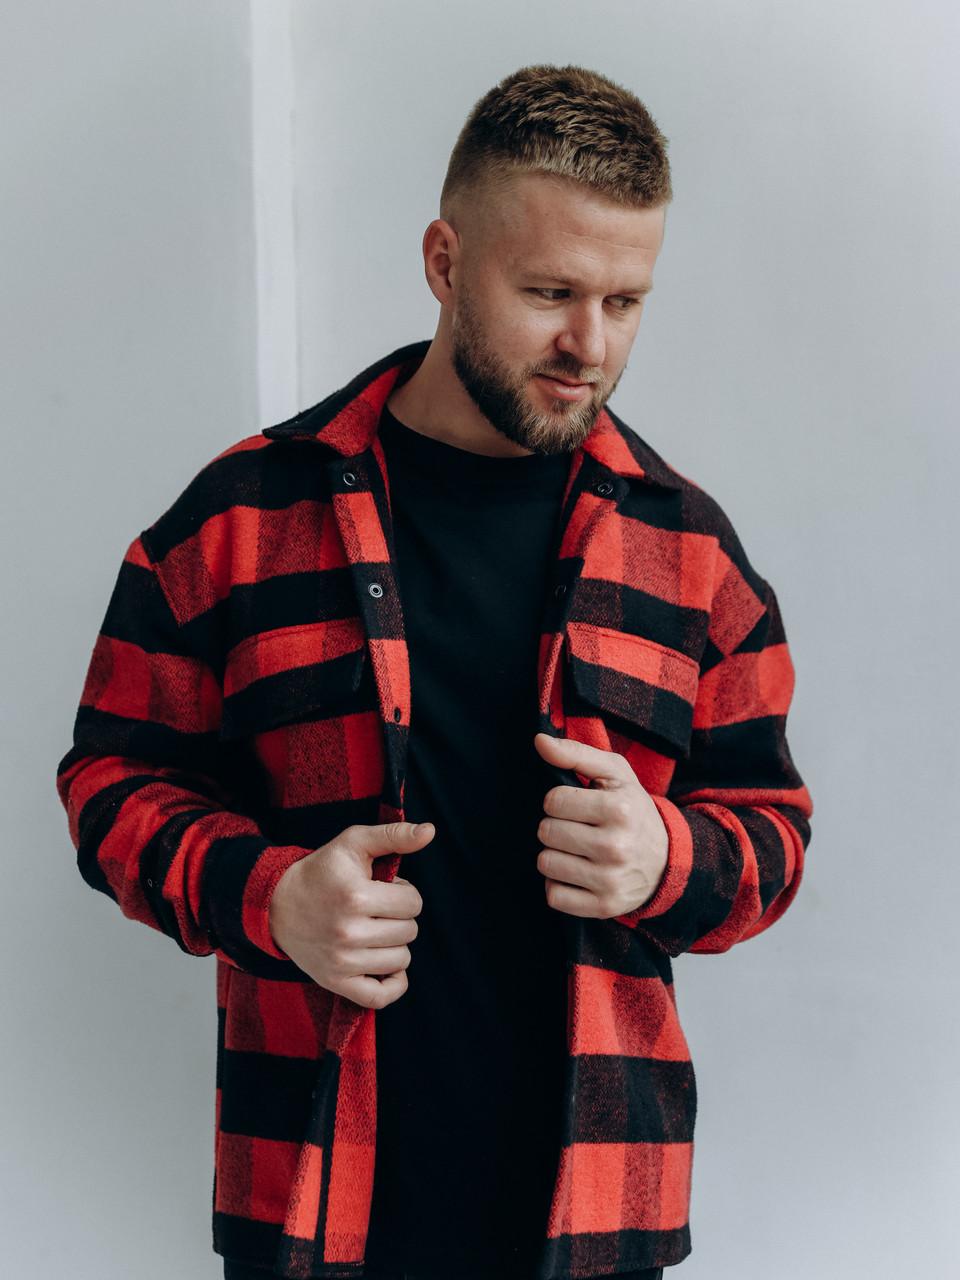 Мужская клетчатая теплая байковая куртка-рубашка на пуговицах с карманами красно-черная